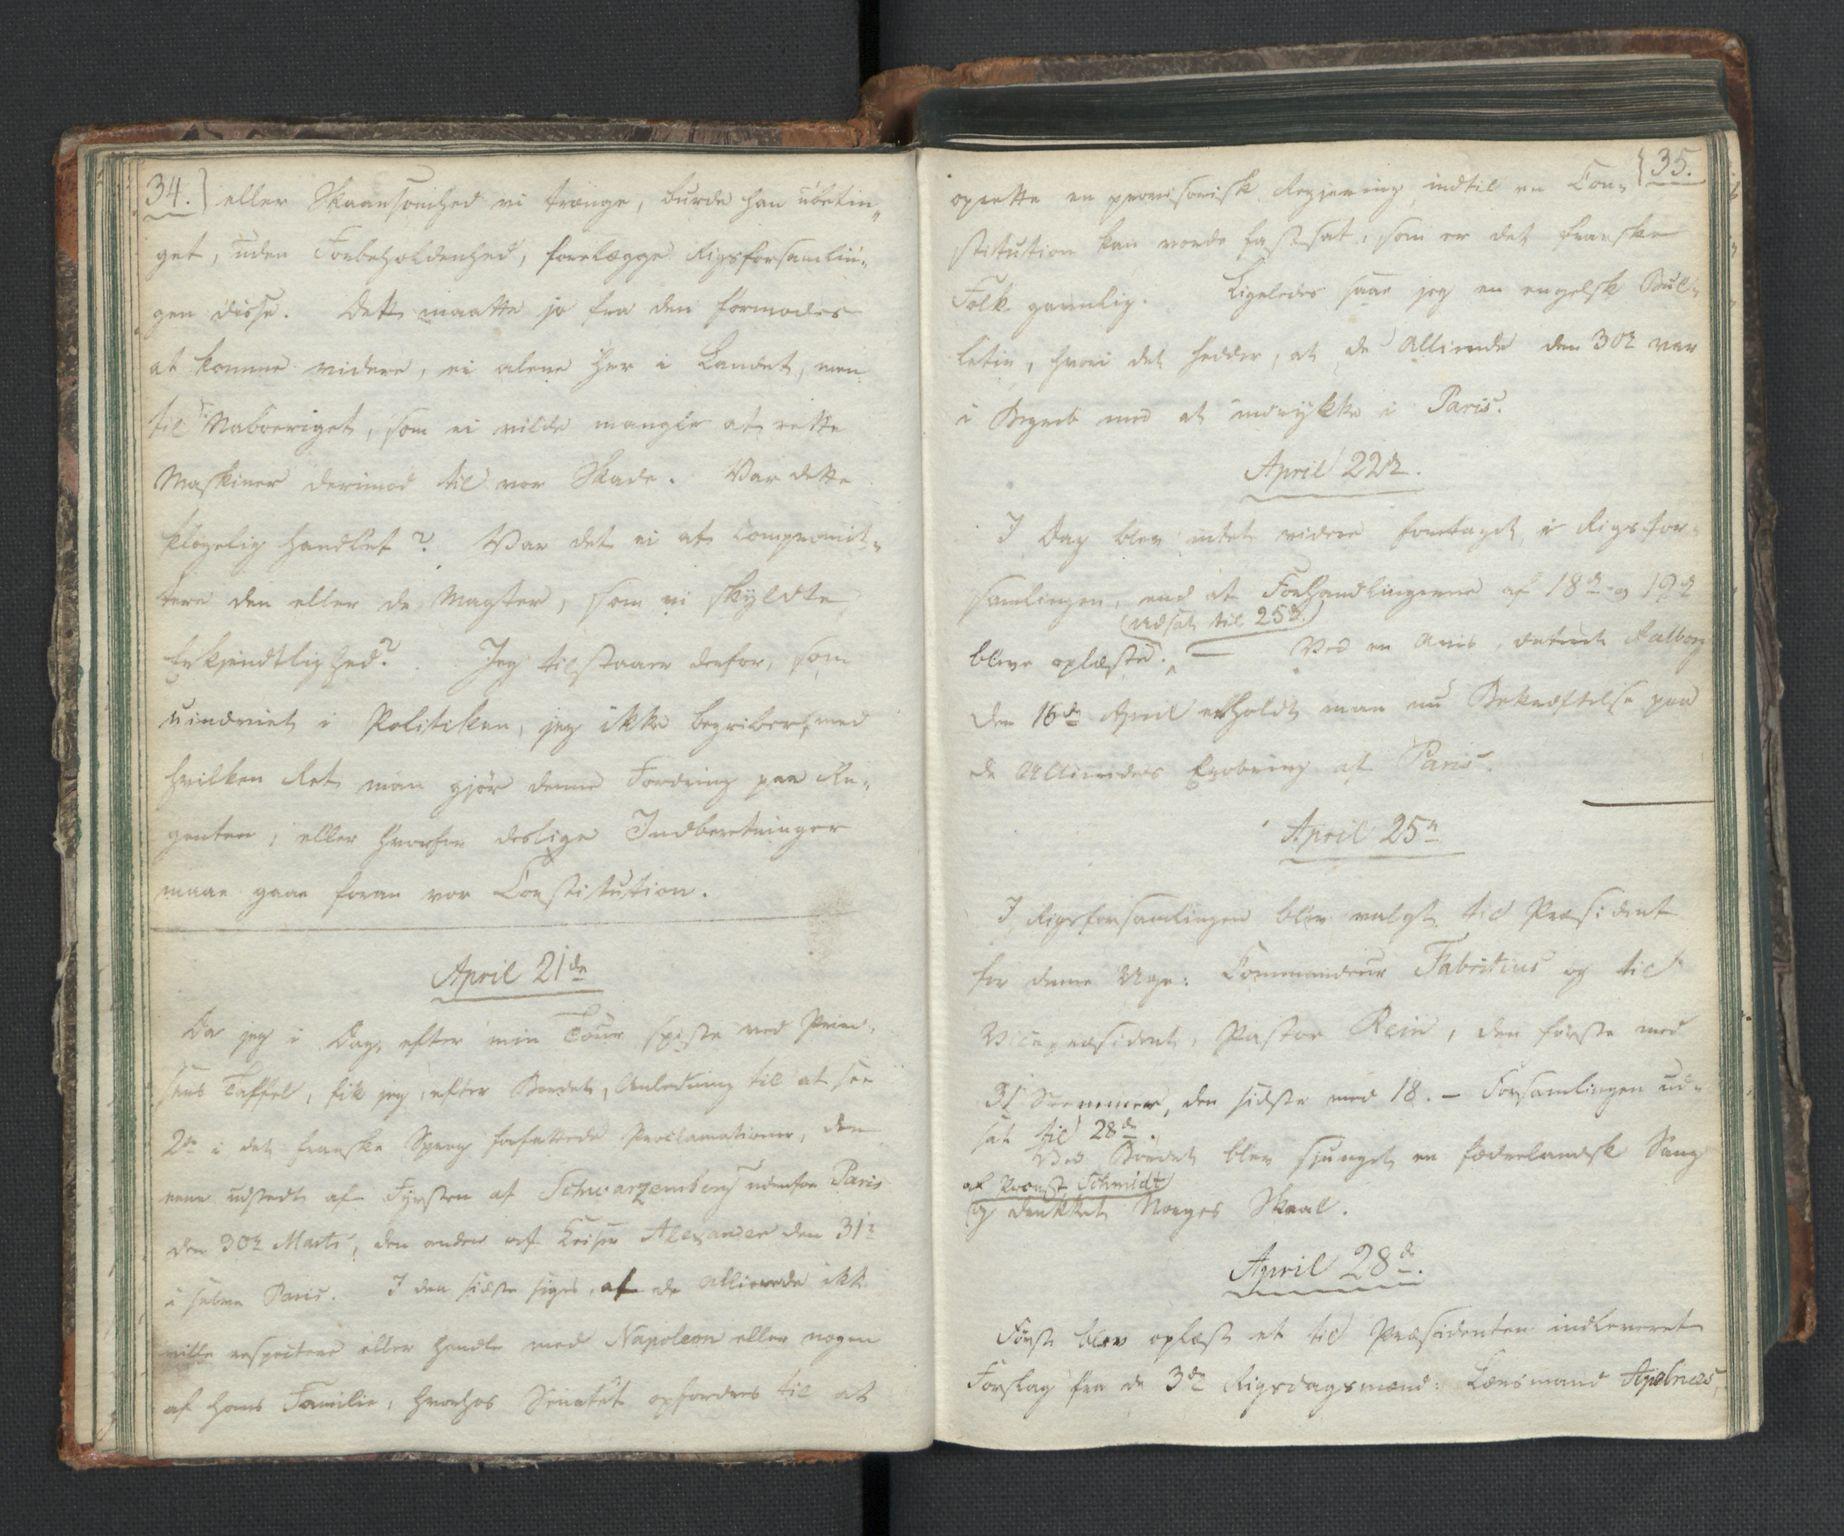 RA, Manuskriptsamlingen, H/L0021: Byfogd Gregers Winther Wulfbergs dagbok under Riksforsamlingen på Eidsvoll, 1814, s. 34-35